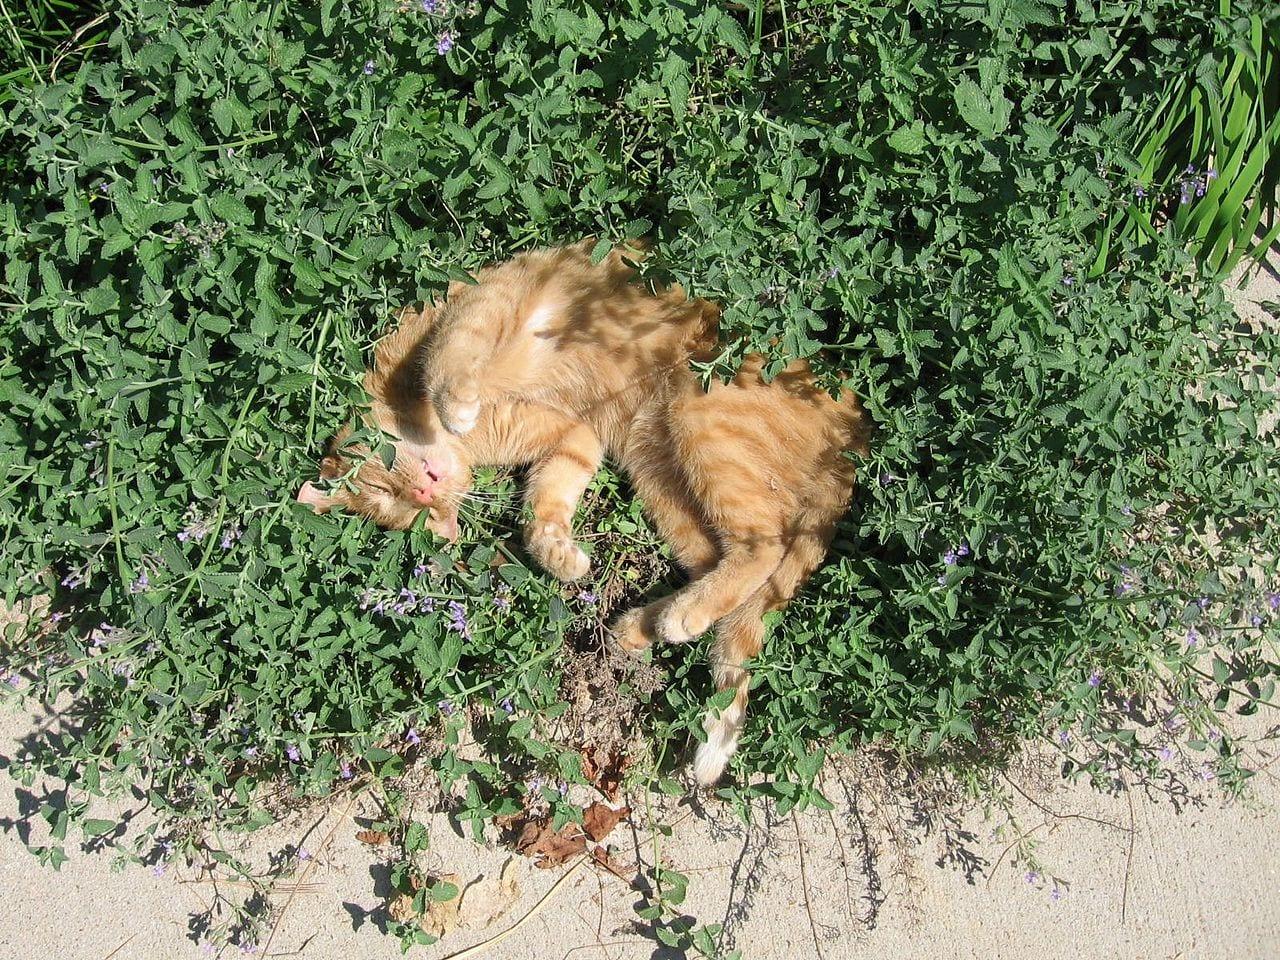 Los gatos disfrutan con esta hierba